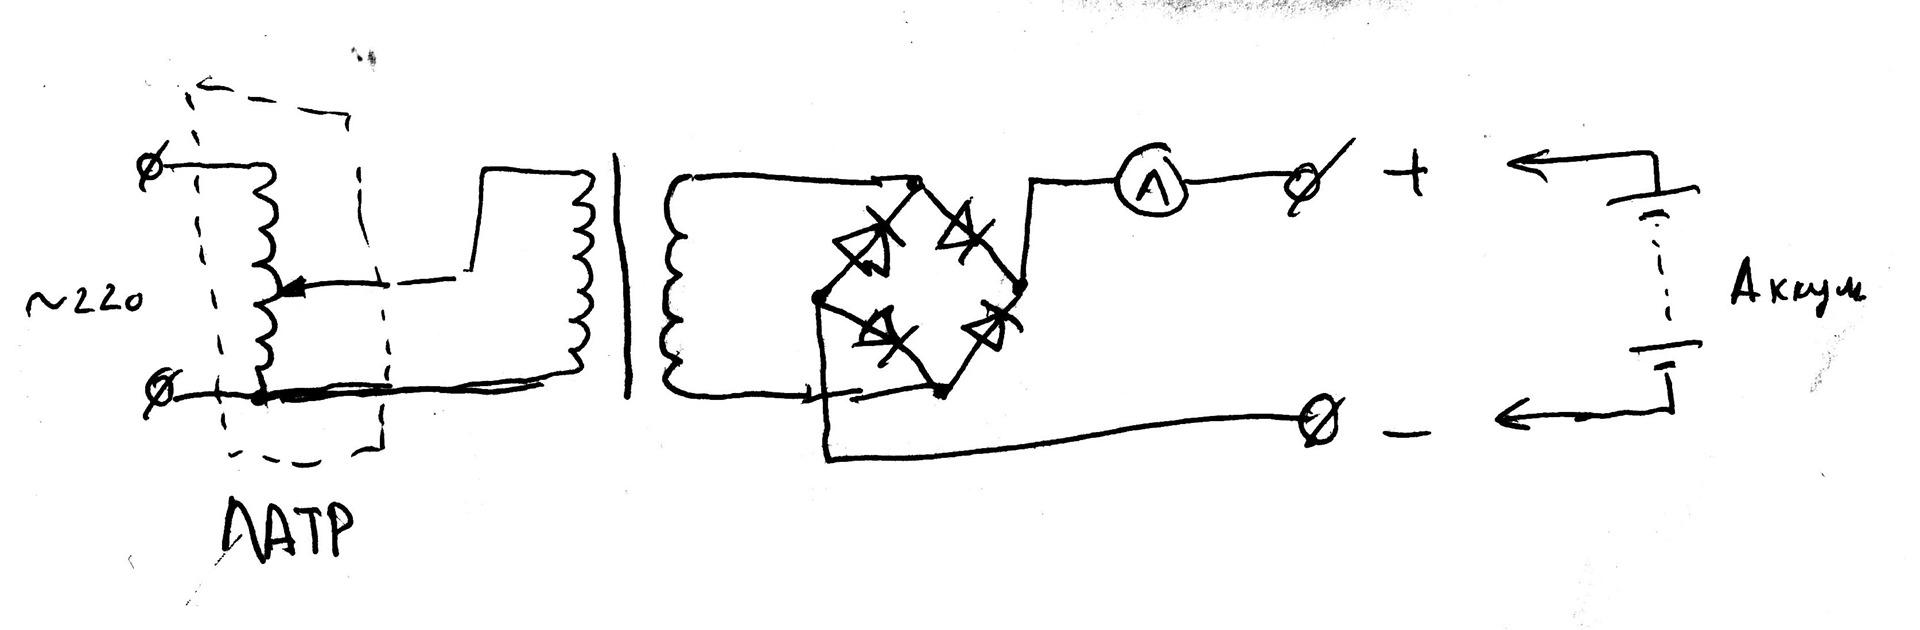 схема латра из трансформатора